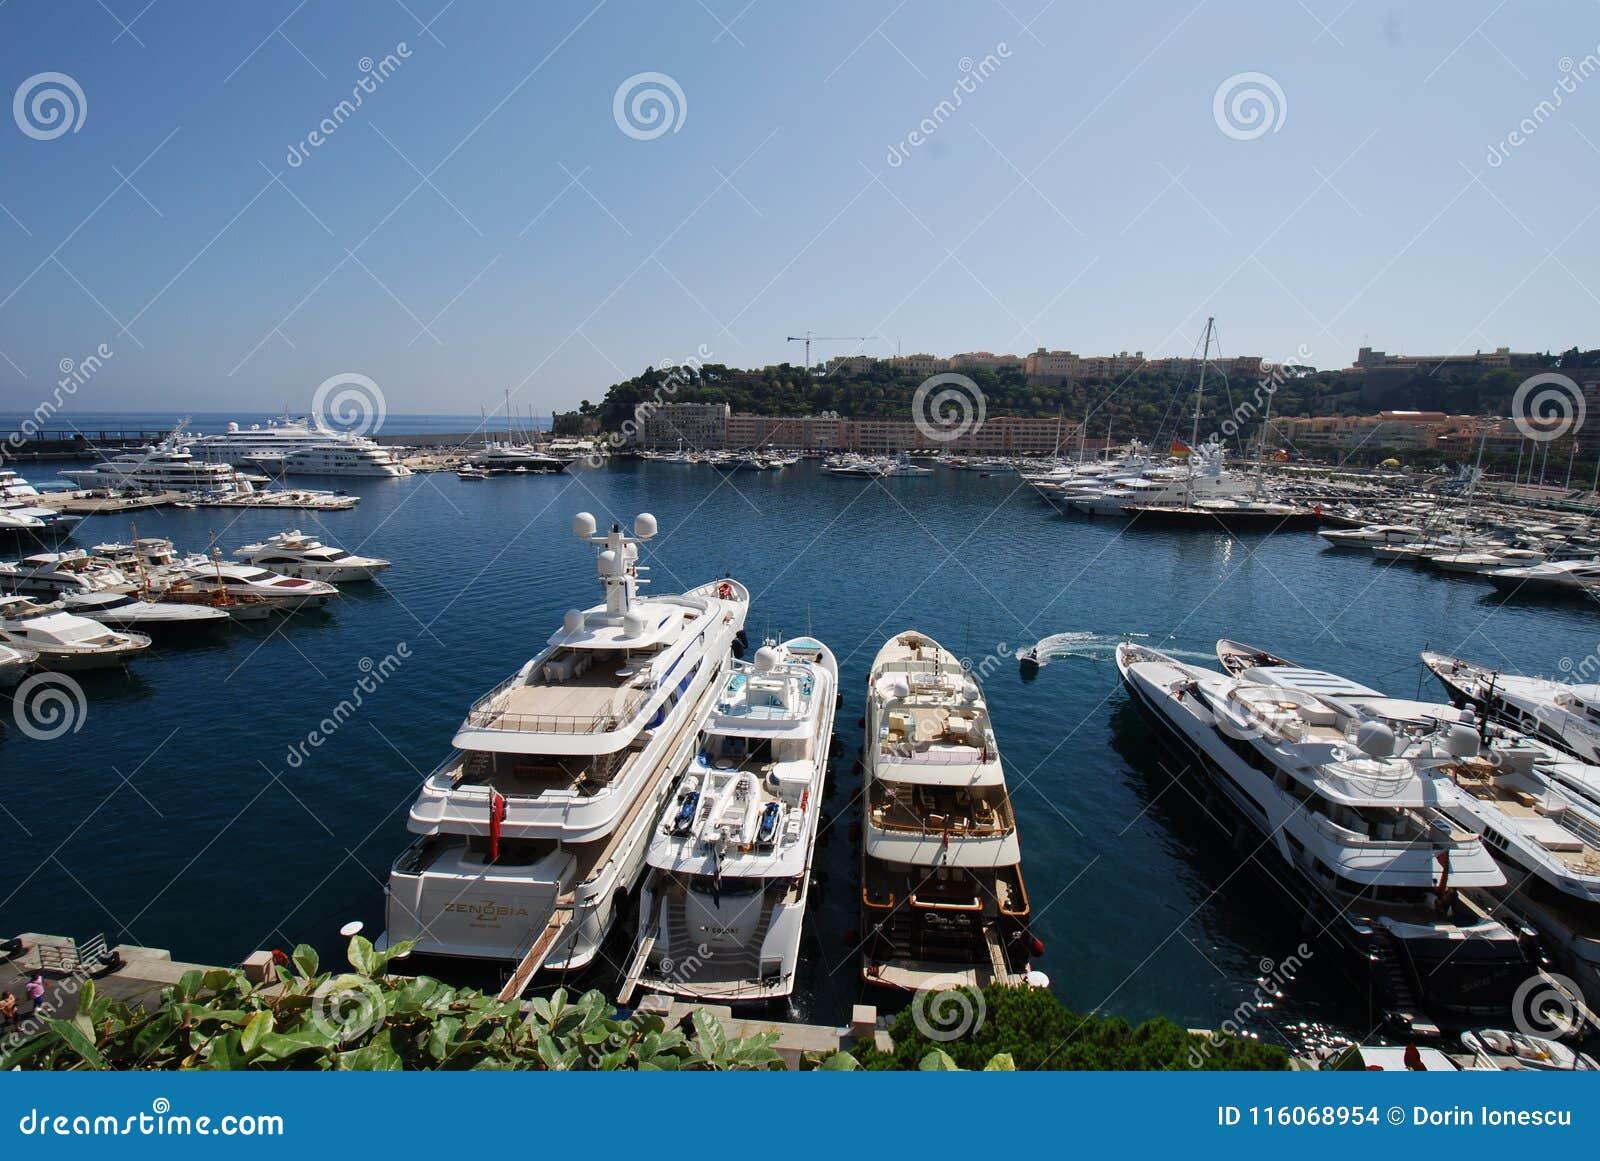 Monaco Bay, marina, harbor, dock, body of water